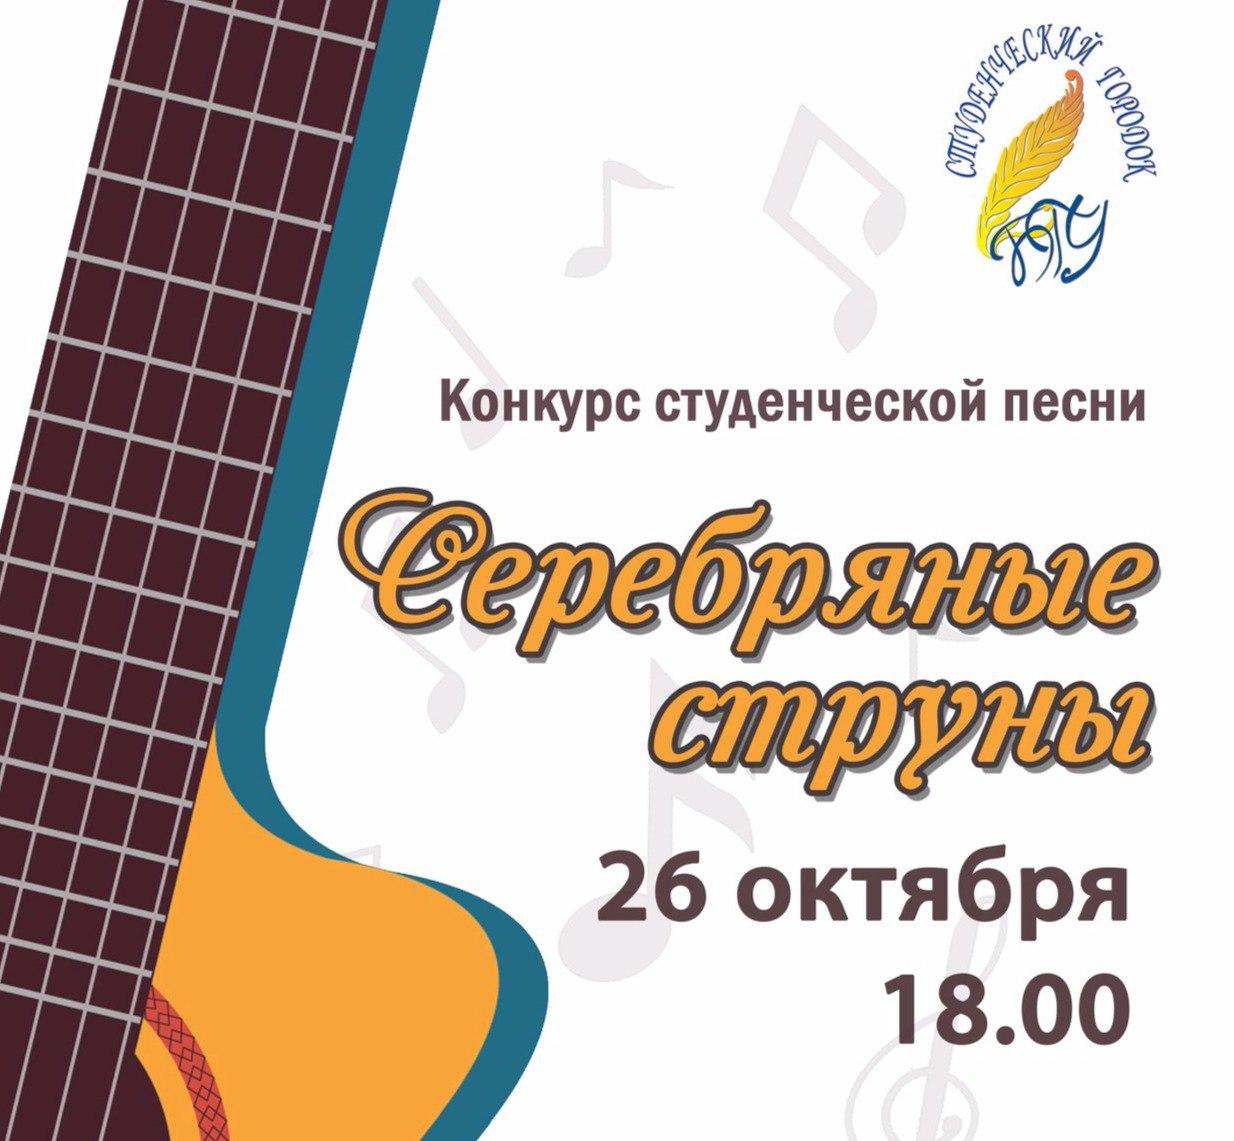 Конкурс студенческой песни «Серебряные струны»